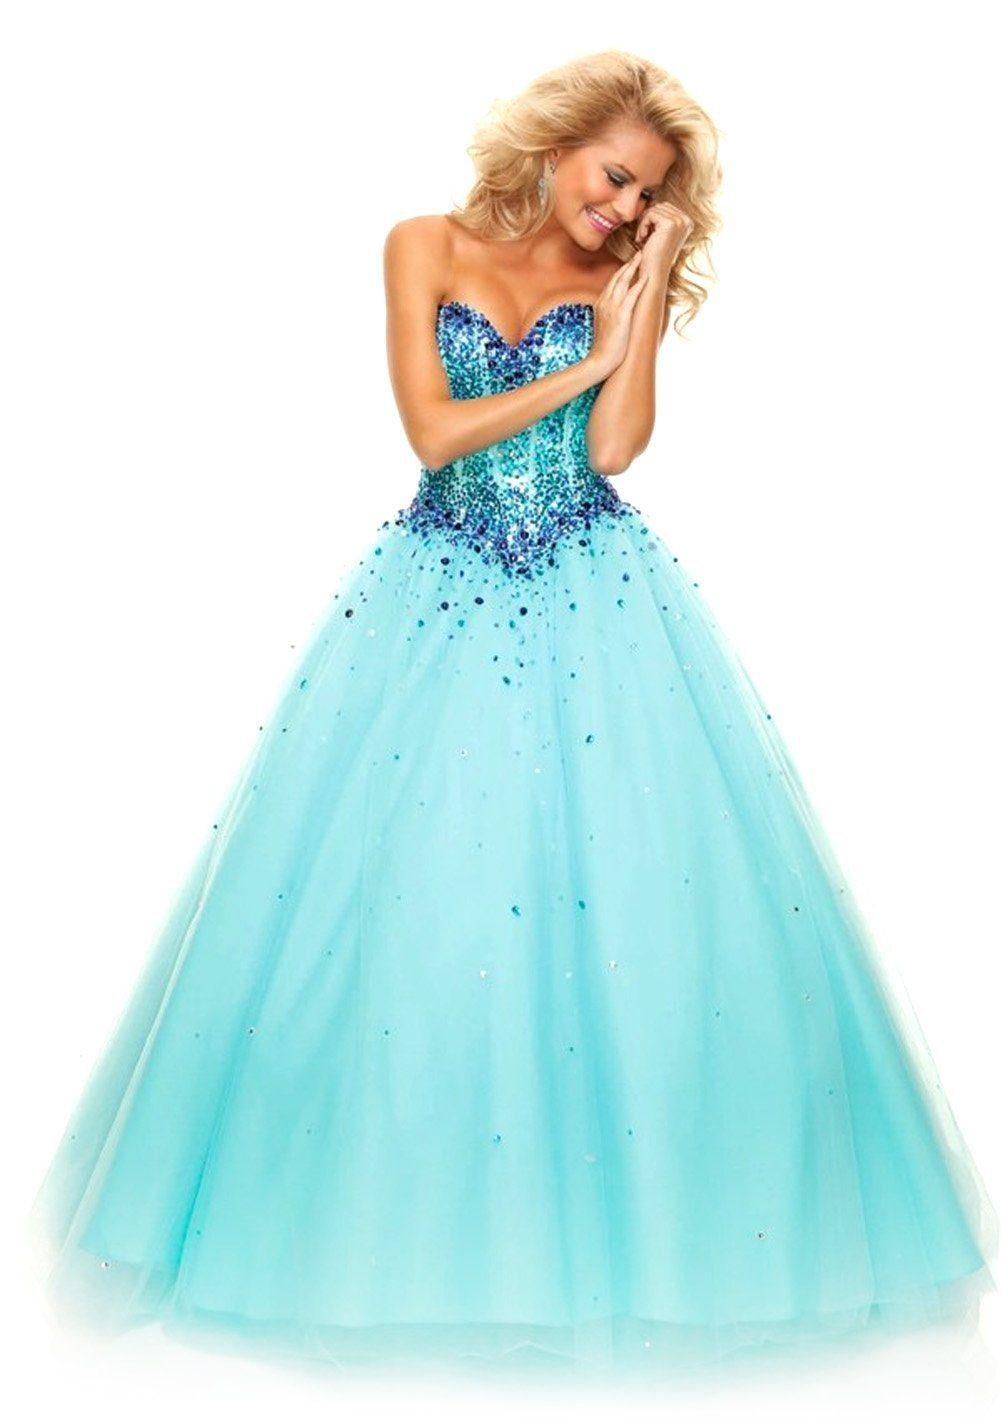 Misdress sweetheart floor length tulle ball gown prom dress